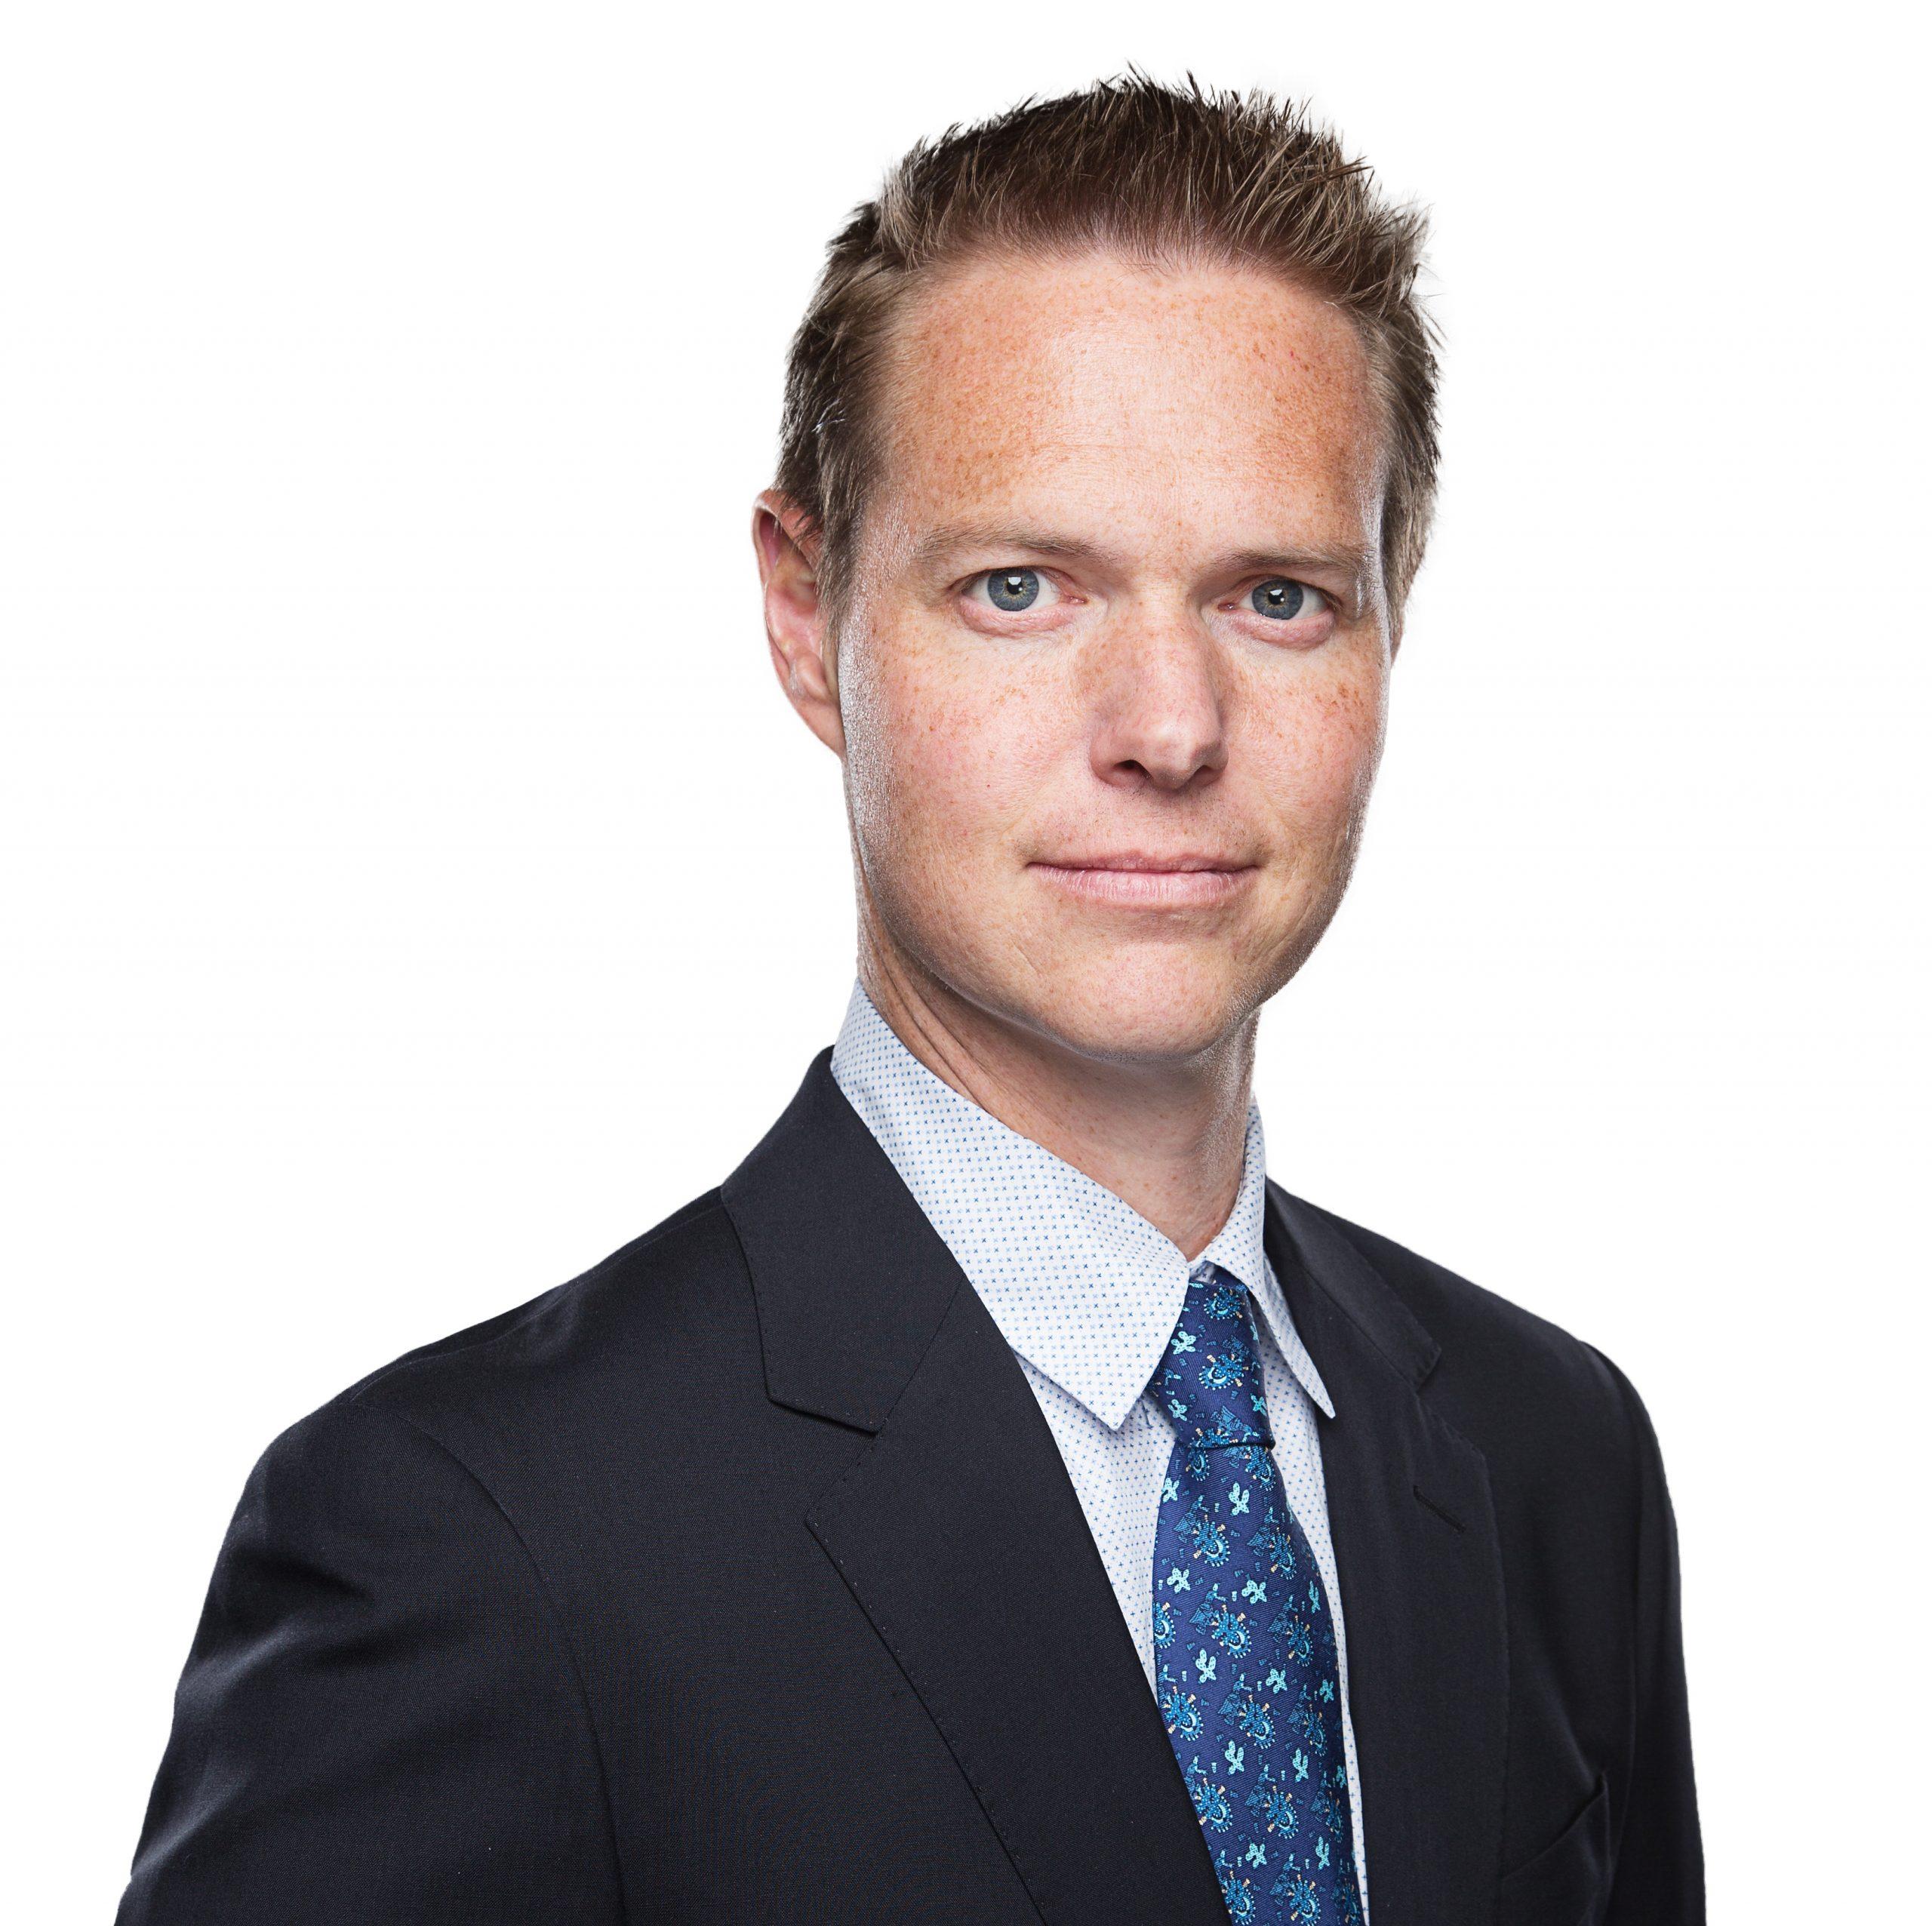 Doug Leighton Profile Photo